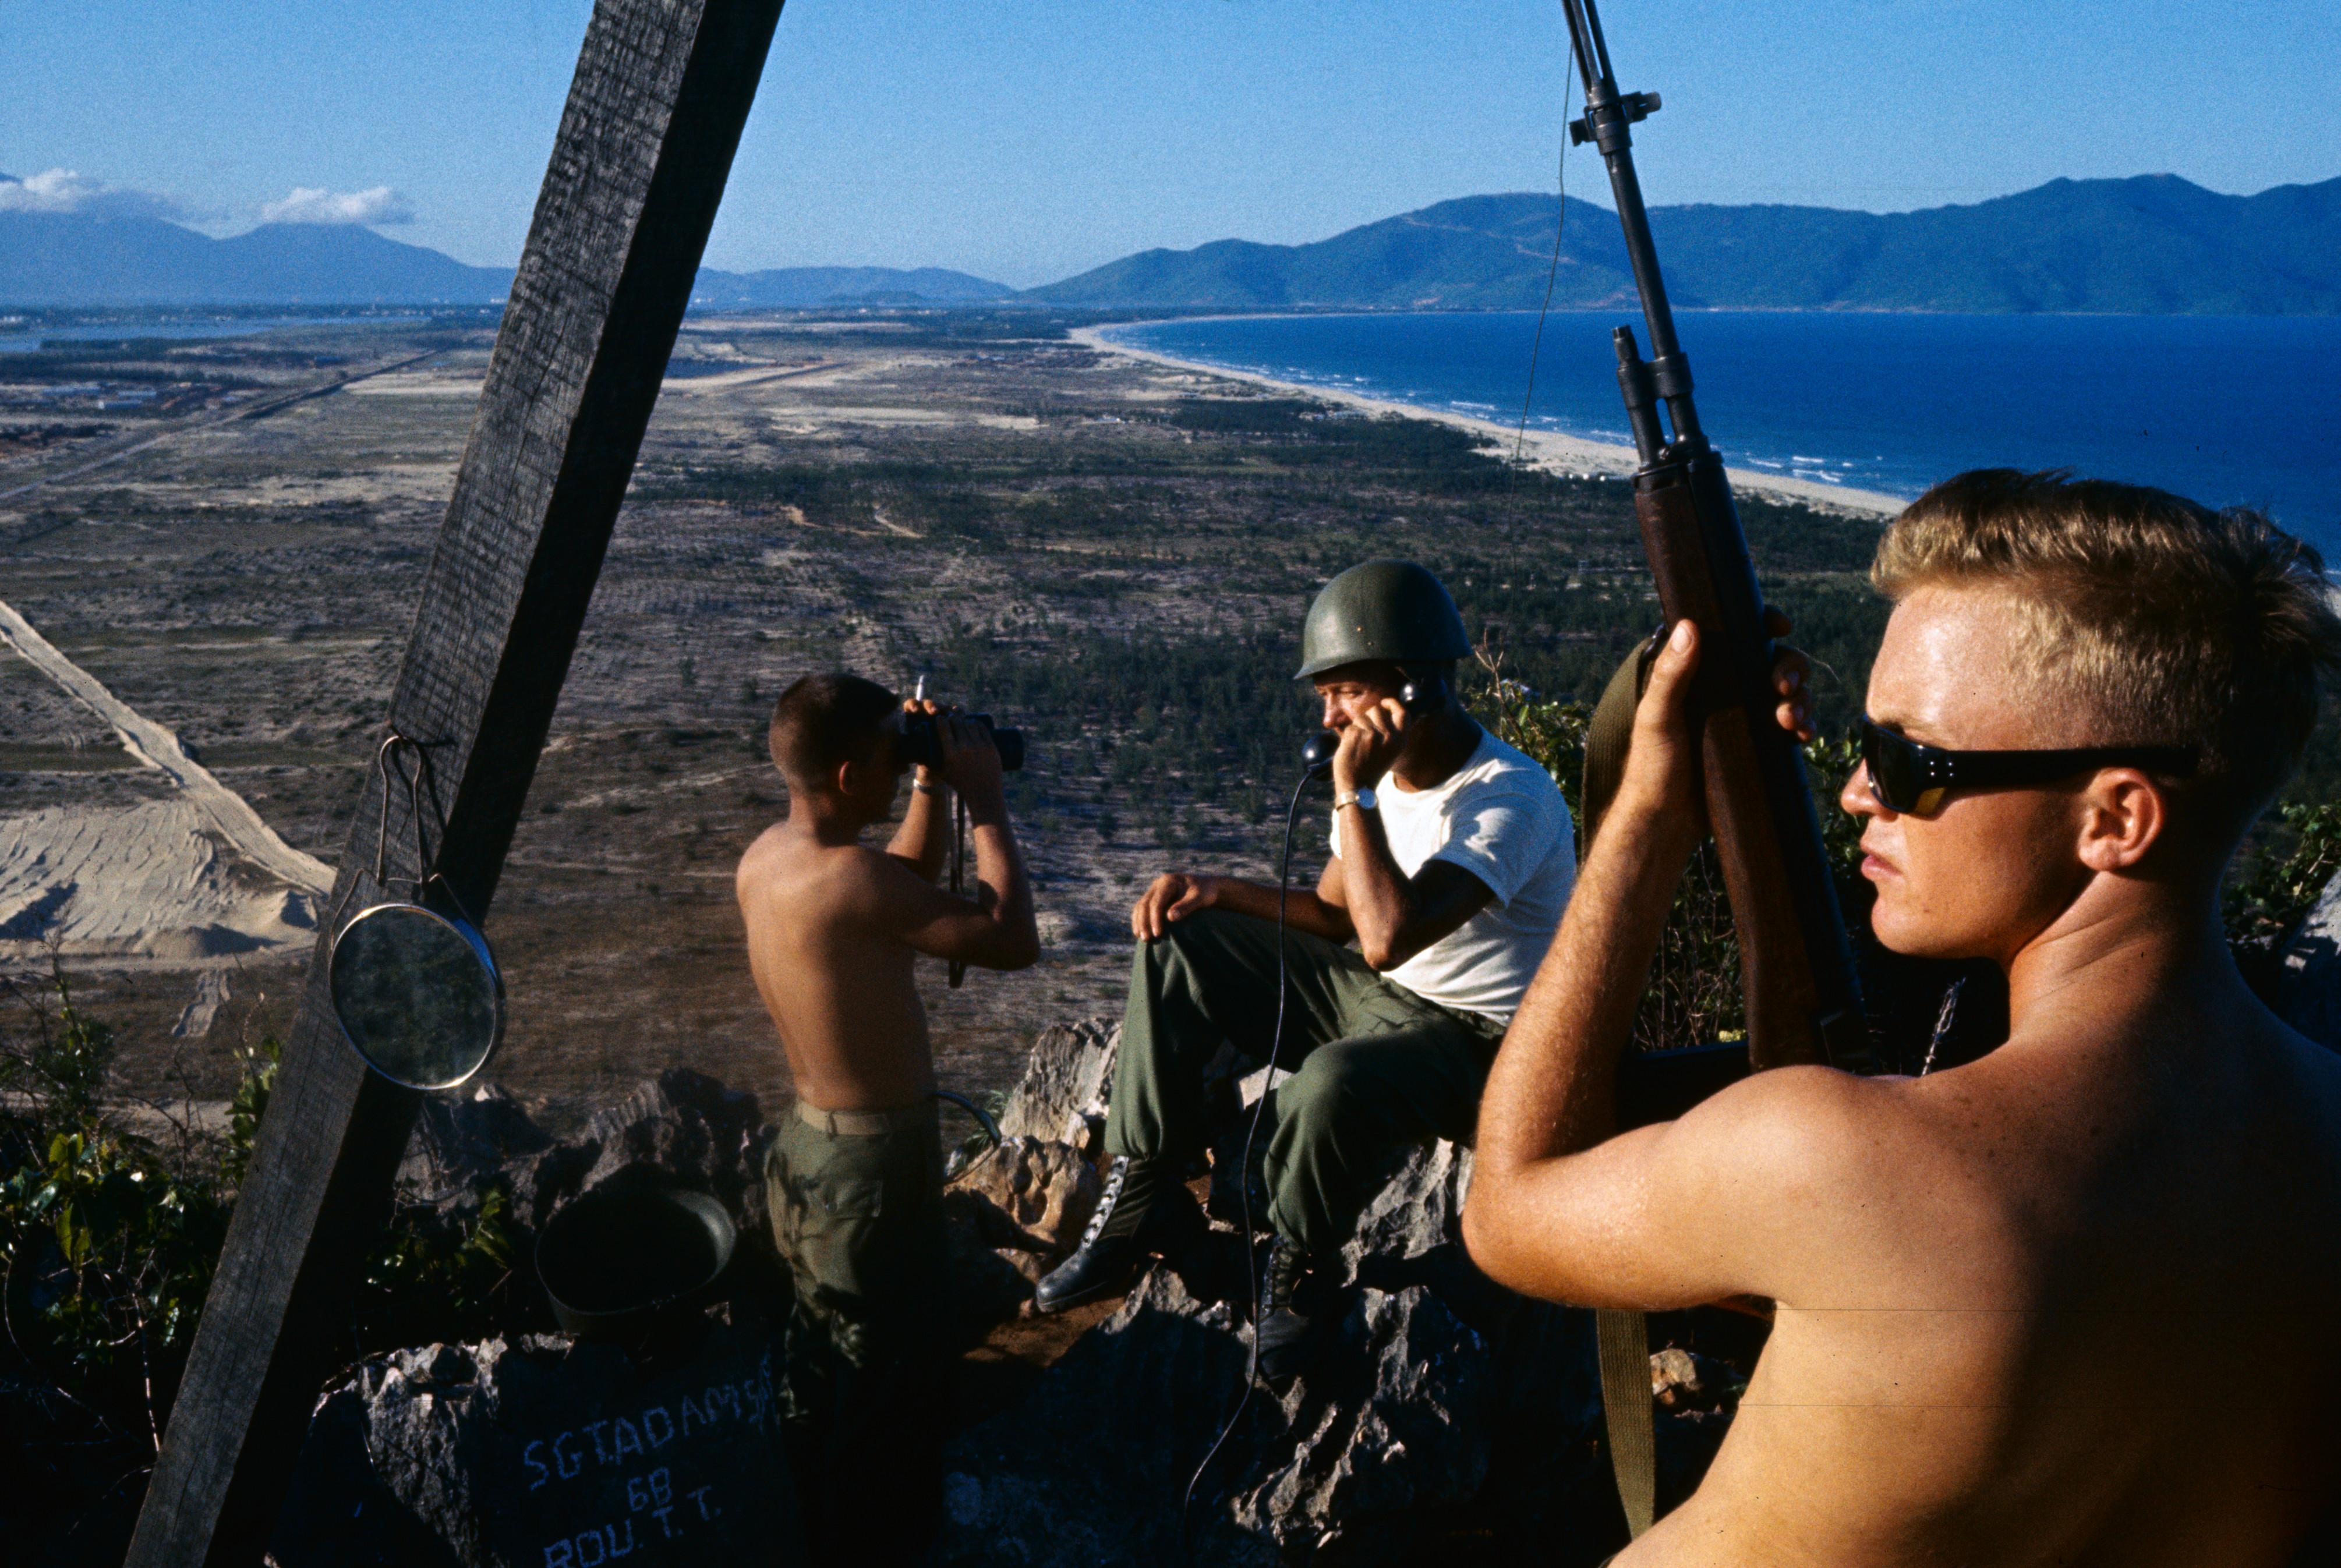 Ето как е изглеждало същото място през 1965 г., по време на Виетнамската война, когато тук са се разполагали американски войници